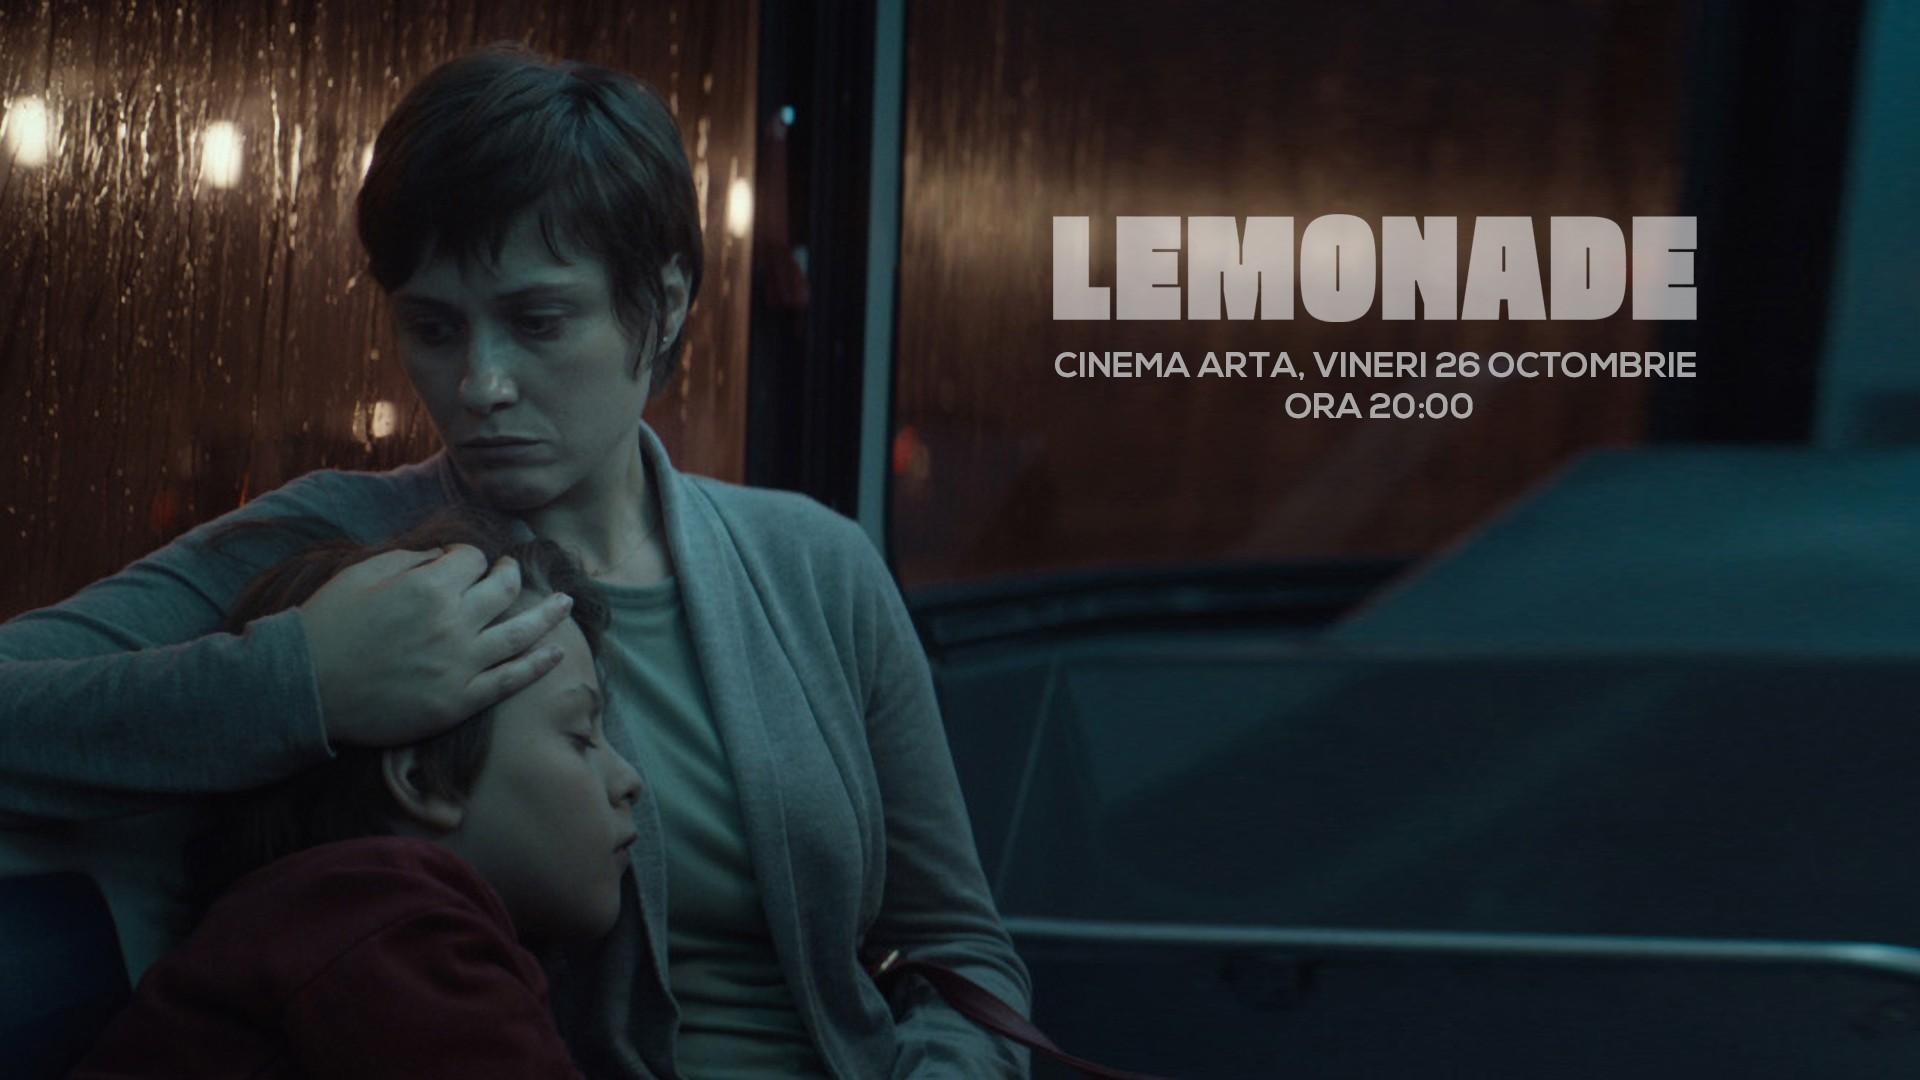 Dramă, documentar și scurtmetraje la final de octombrie la Cinema Arta